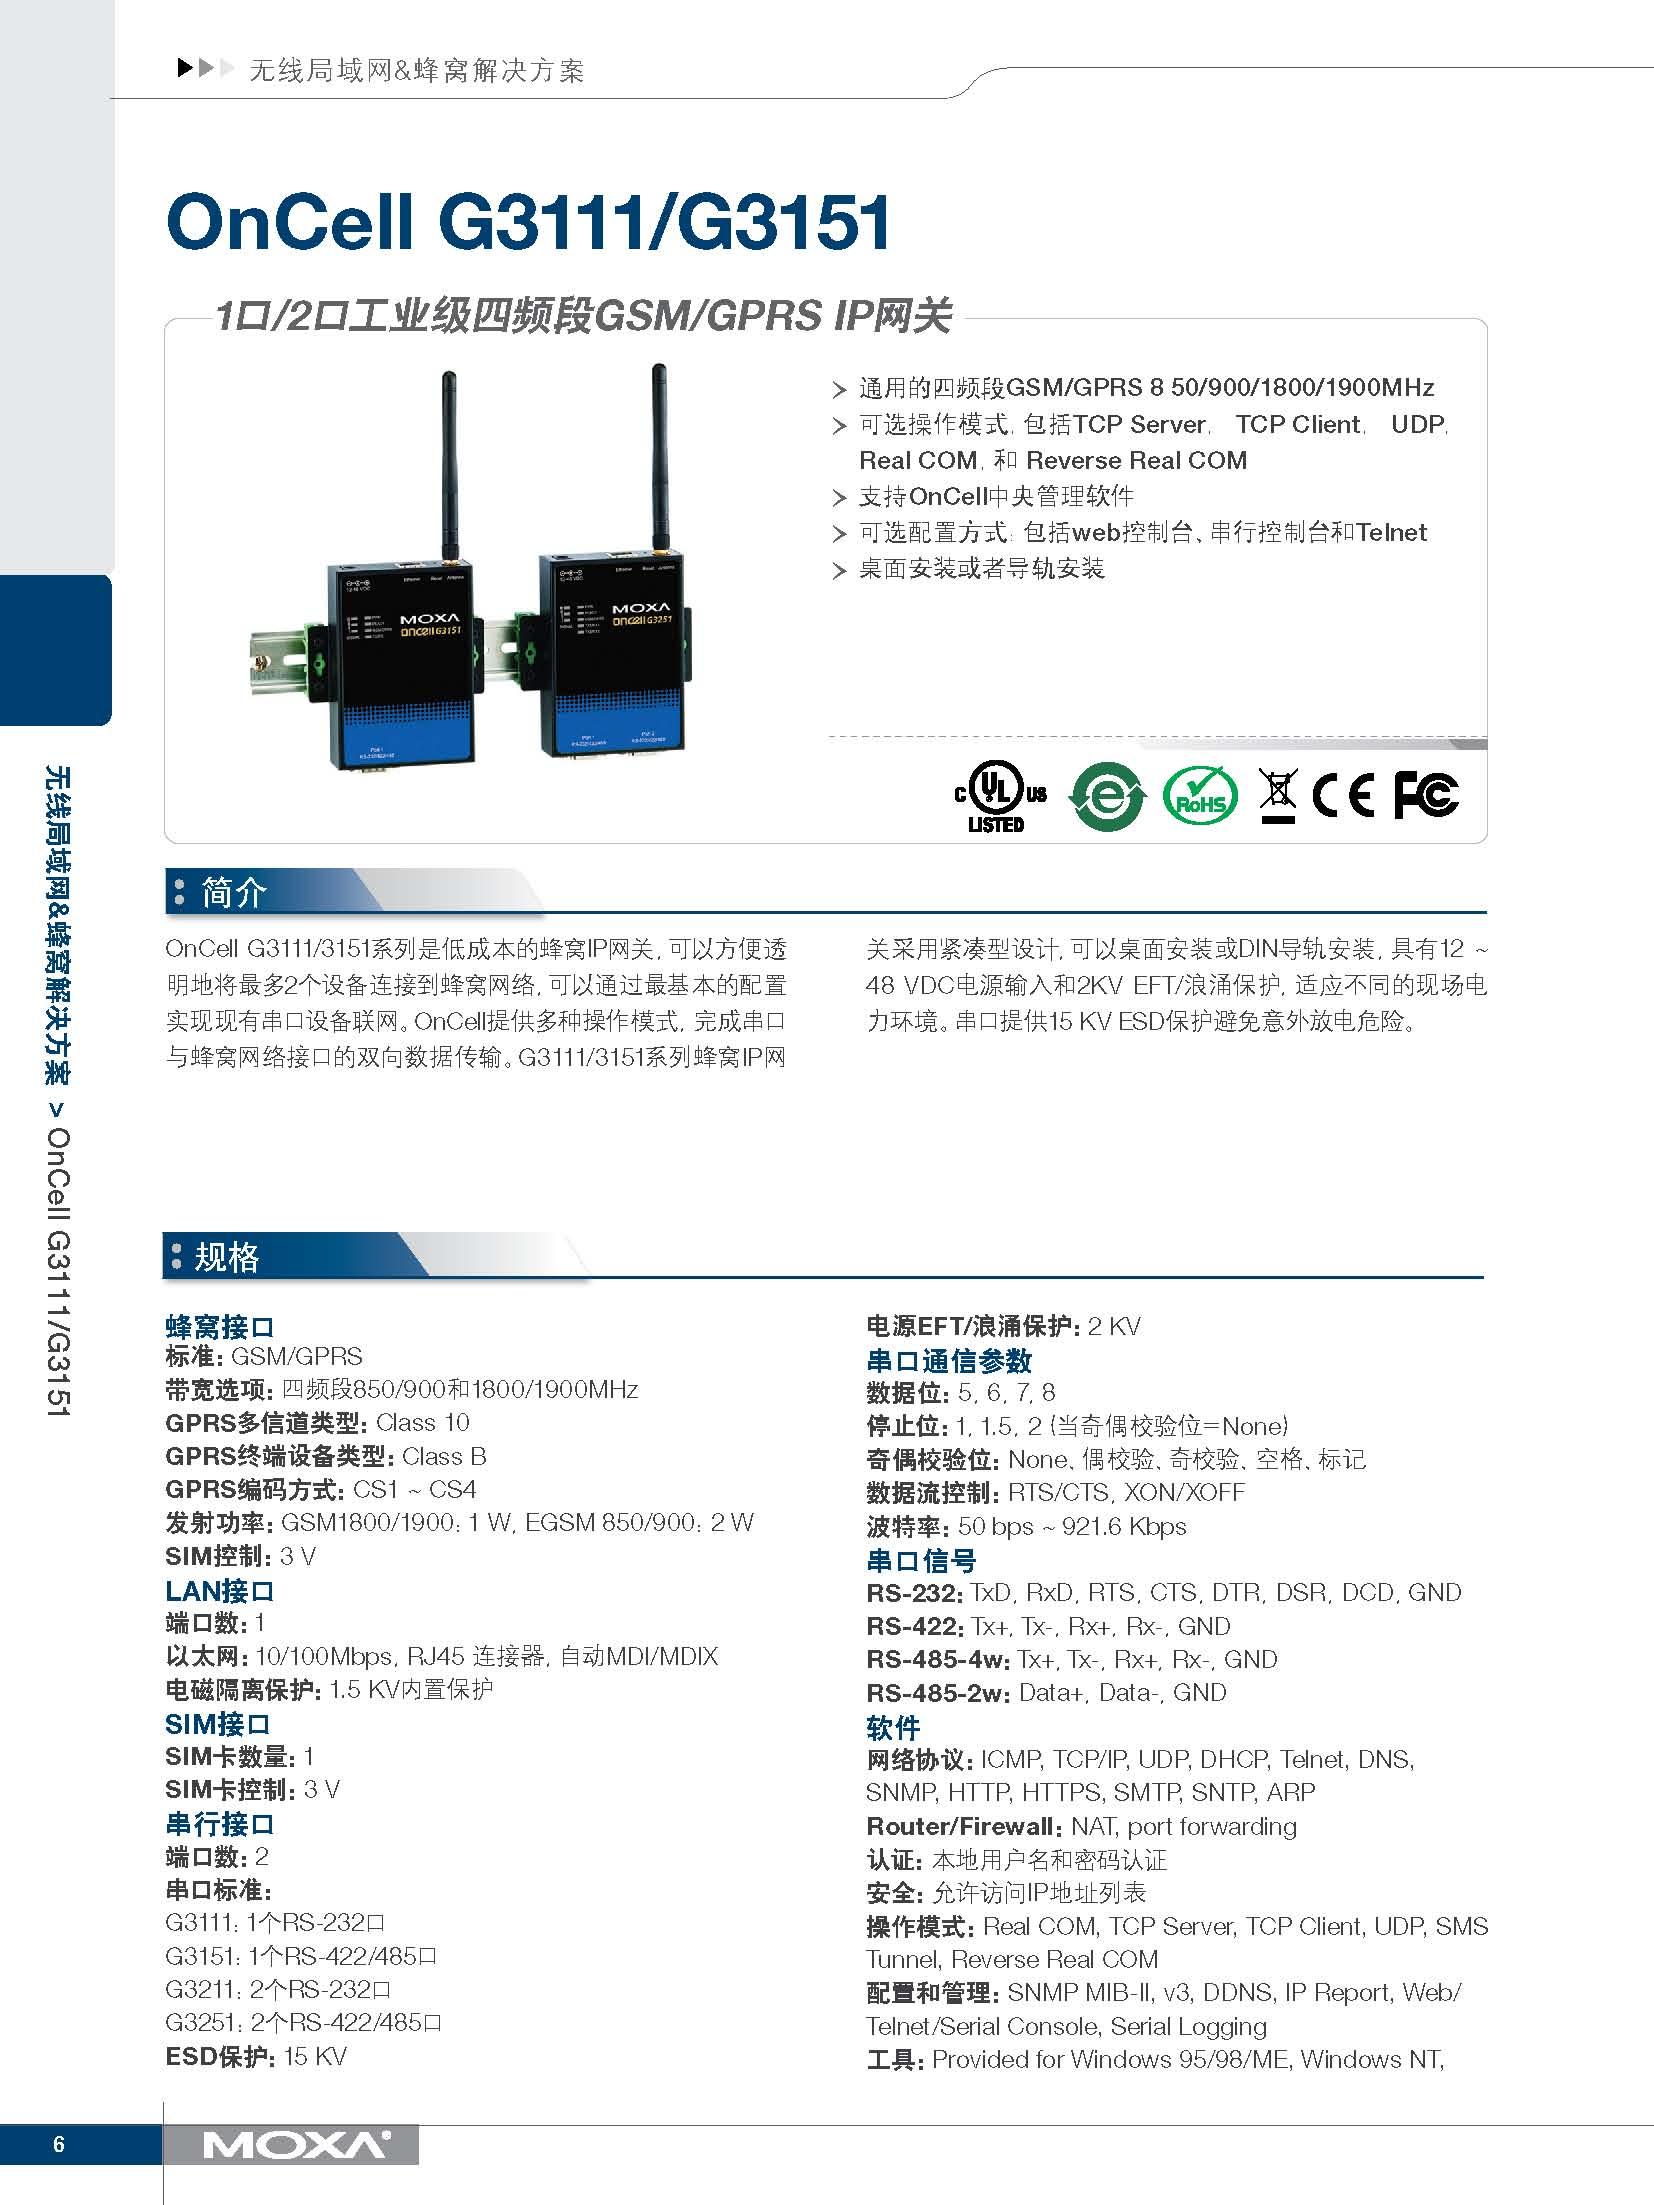 moxa工业蜂窝网络oncell g3111/3151